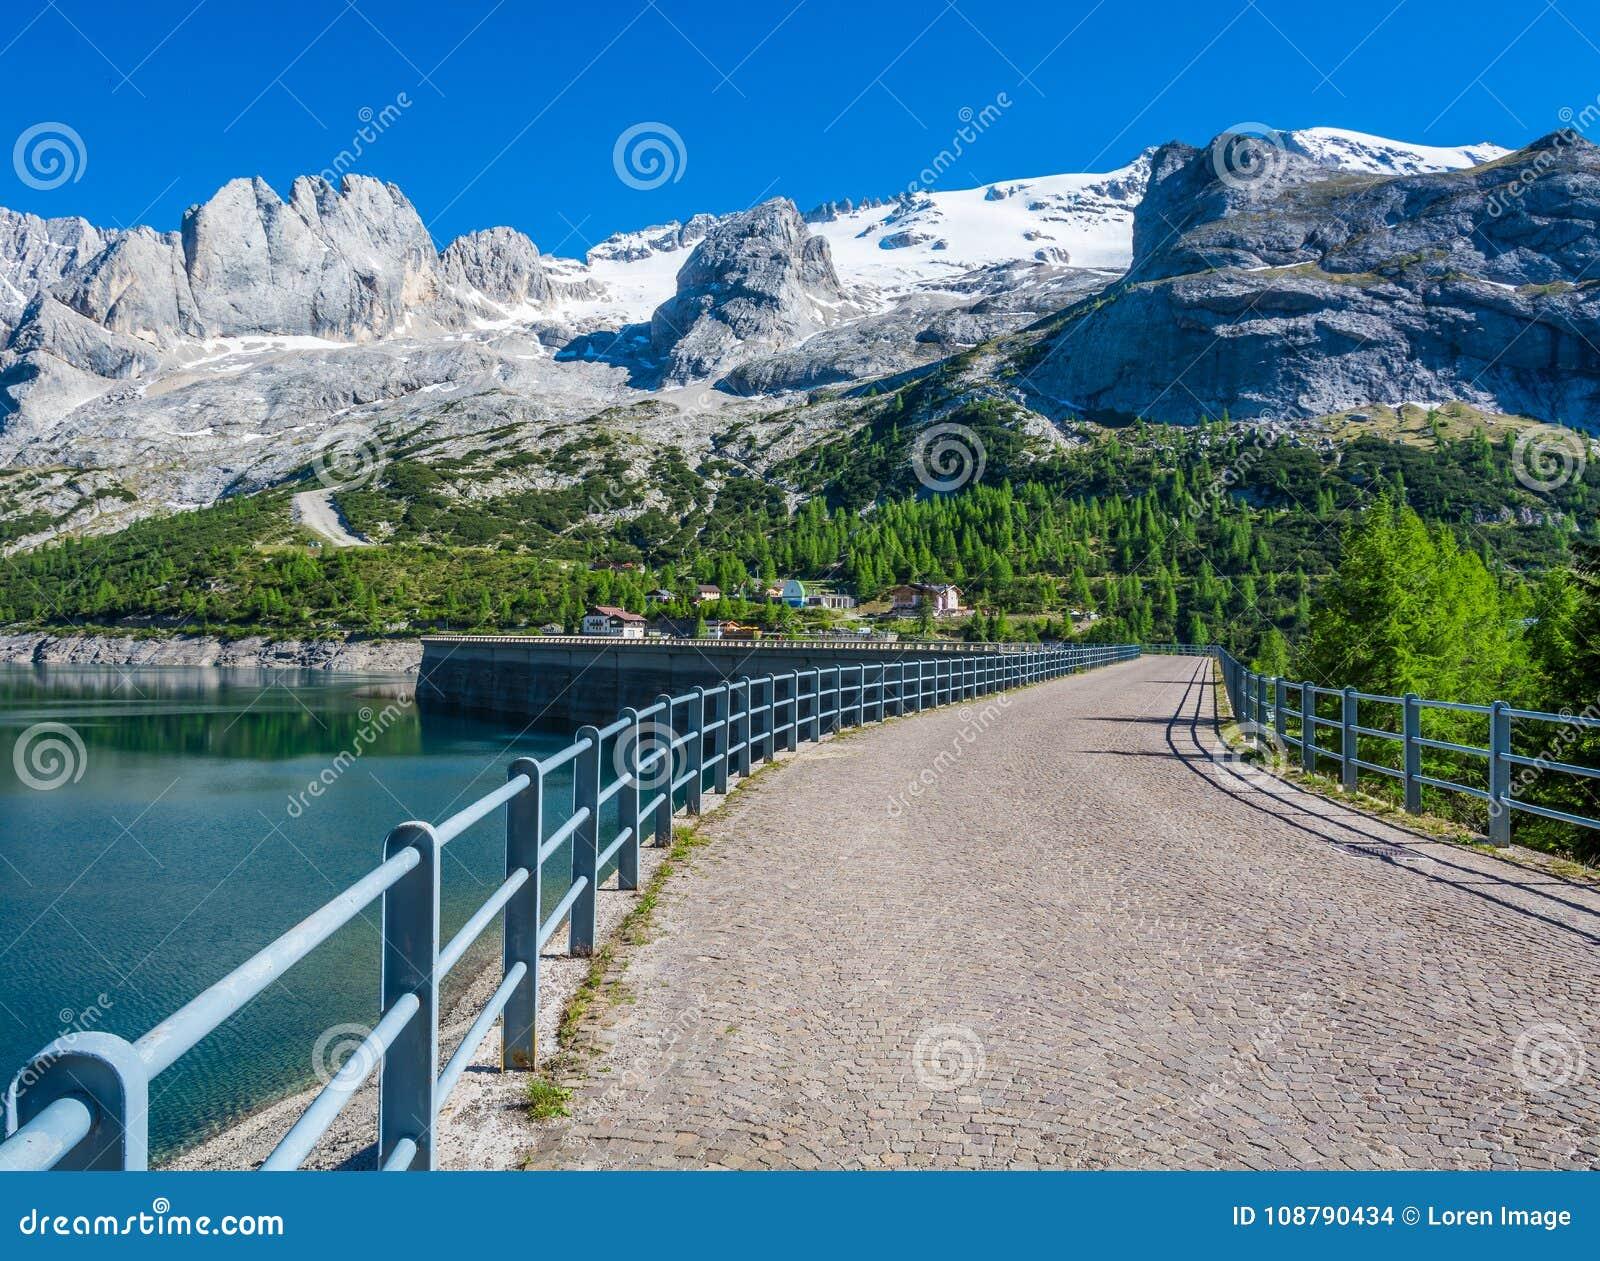 El paso Fedaia 2054 m es denominado por el lago Fedaia, un nuge dique de 2 kilómetros de largo, en el pie del glaciar de Marmolad